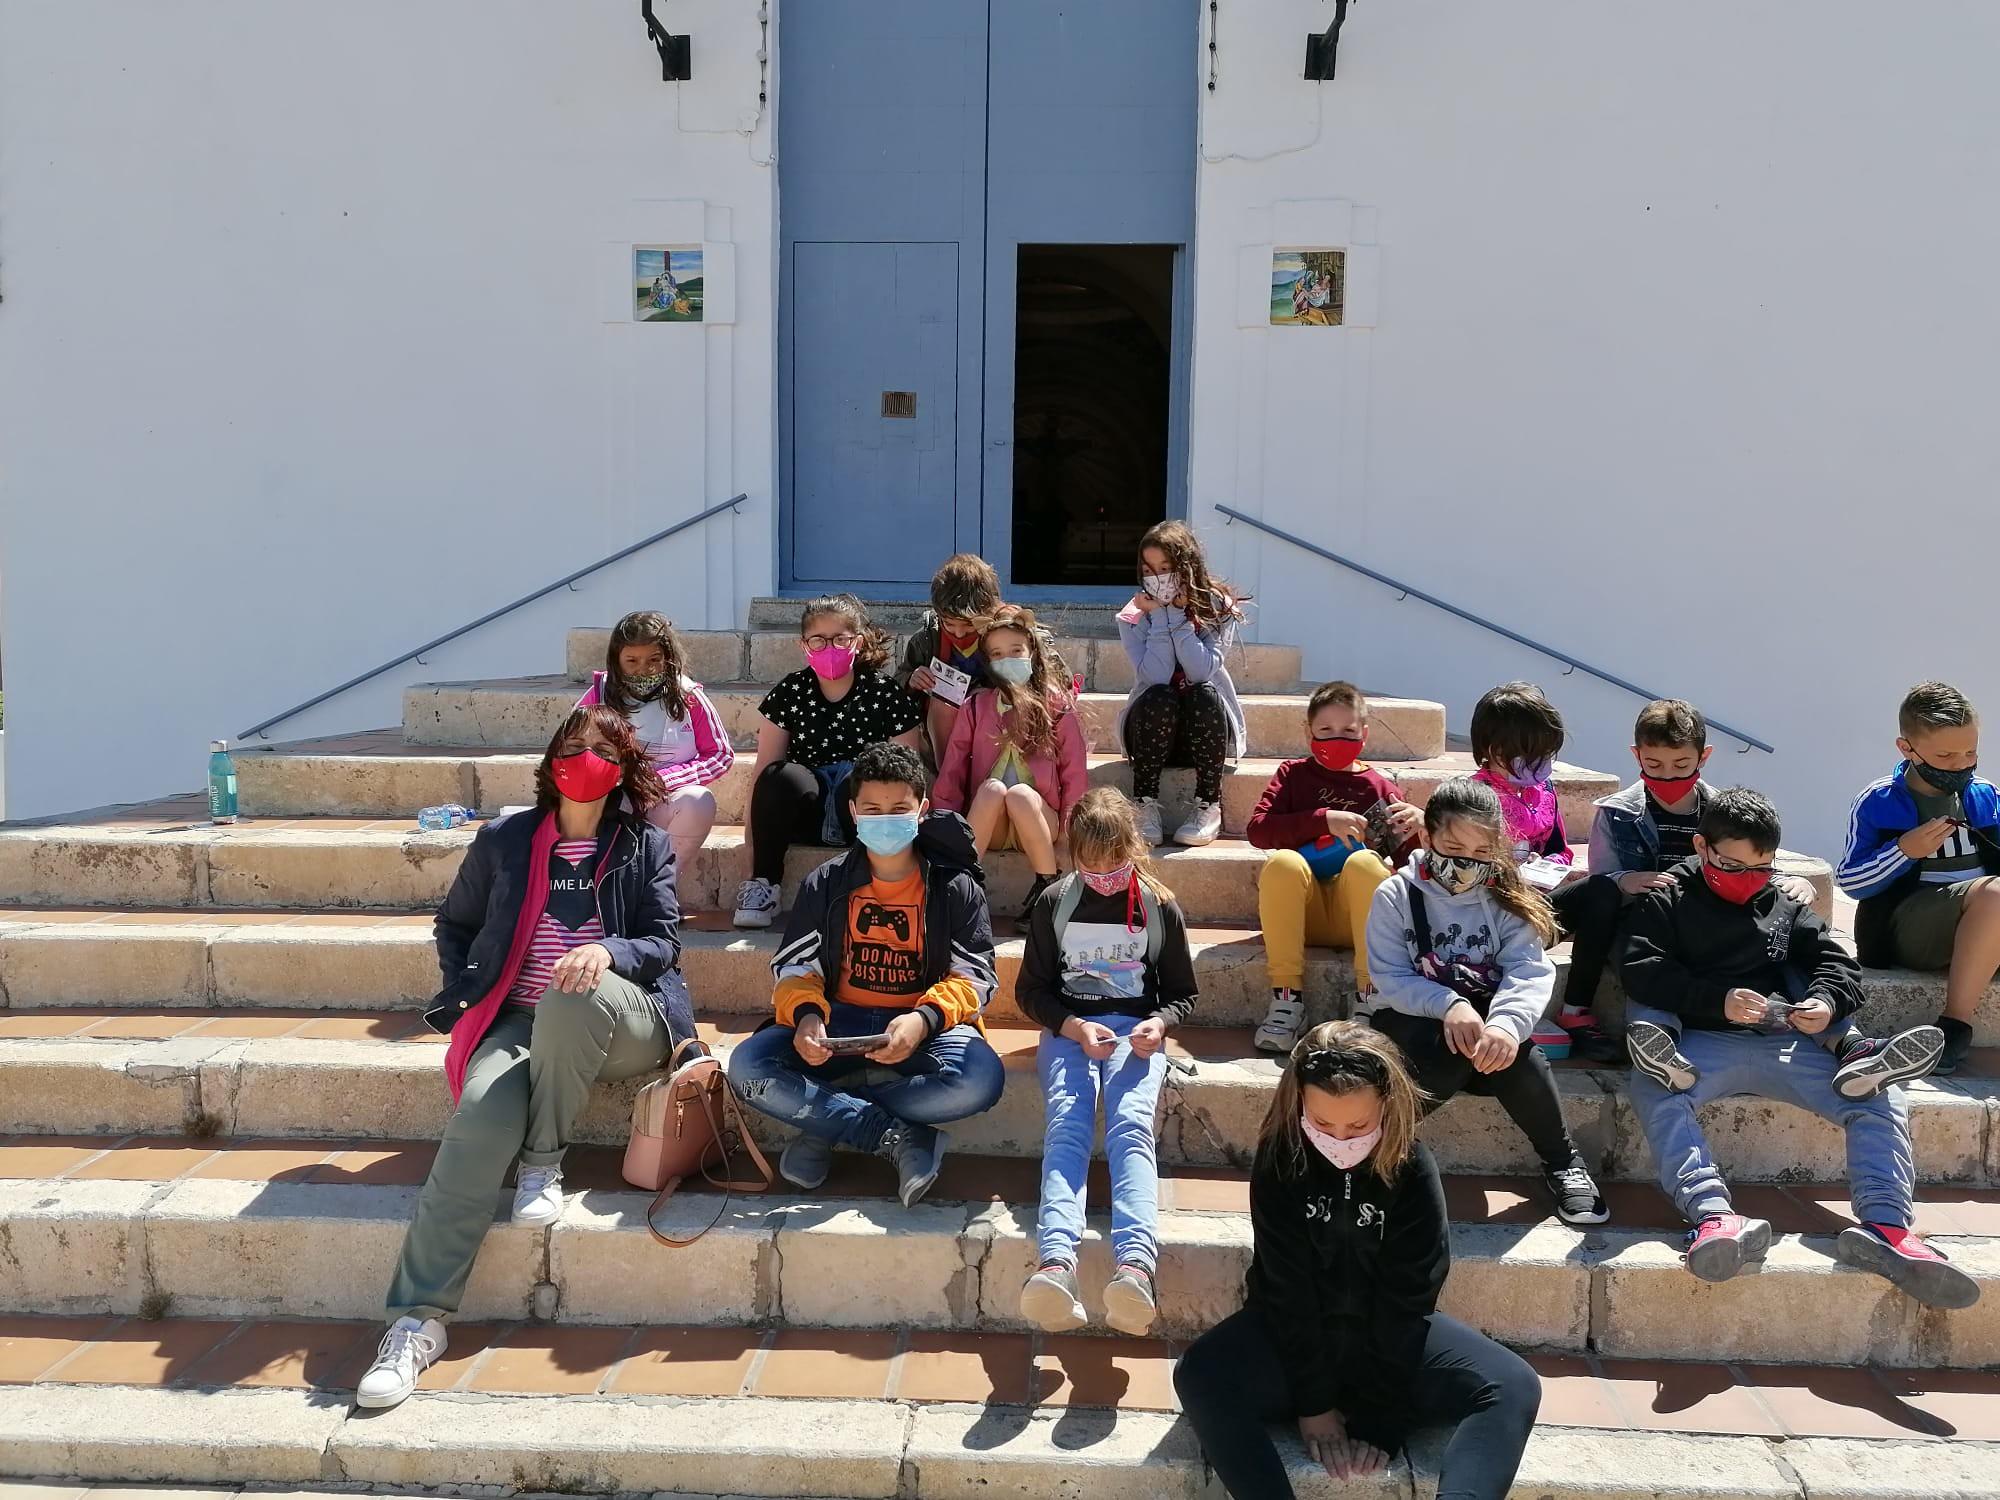 (2021-05-11) - Visita ermita alumnos Laura,3º C, Reina Sofia - Maria Isabel Berenquer Brotons - (02)